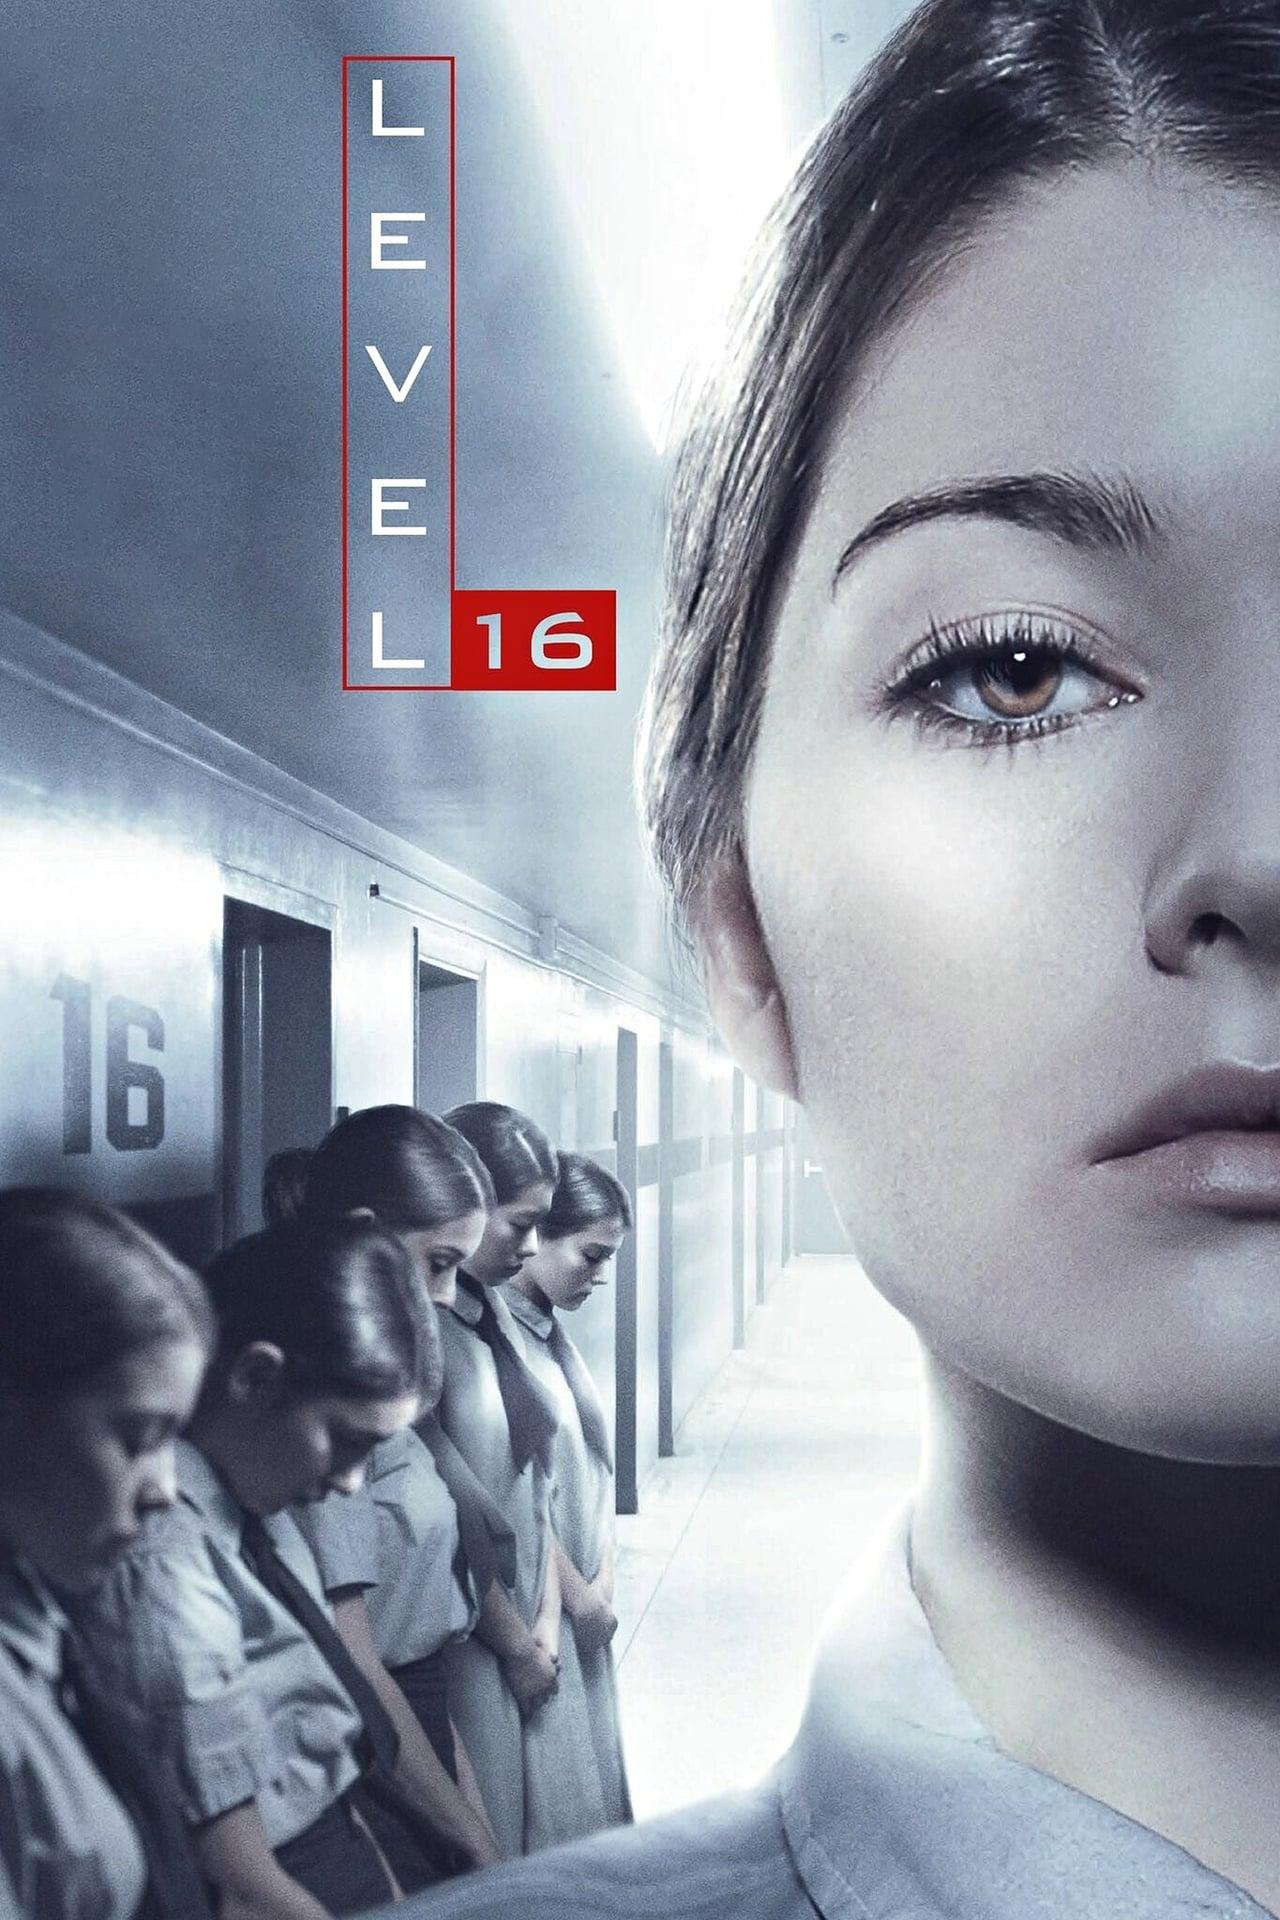 Level 16 image